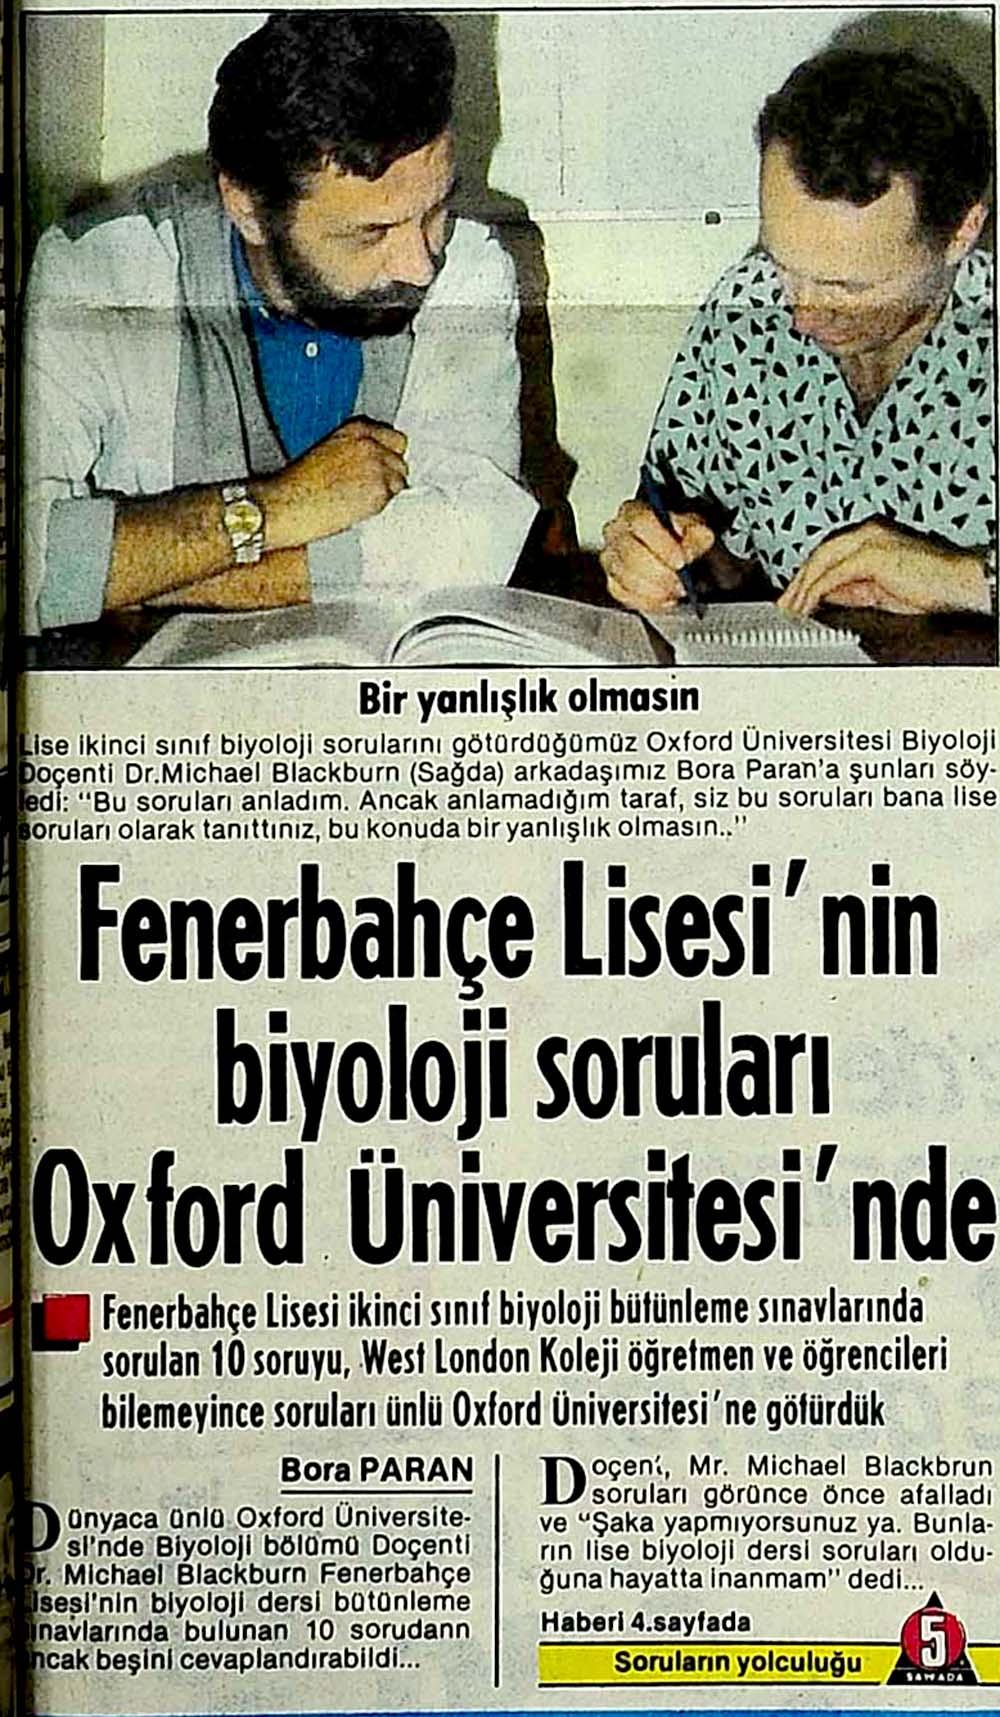 Fenerbahçe Lisesi'nin biyoloji soruları Oxford Üniversitesi'nde